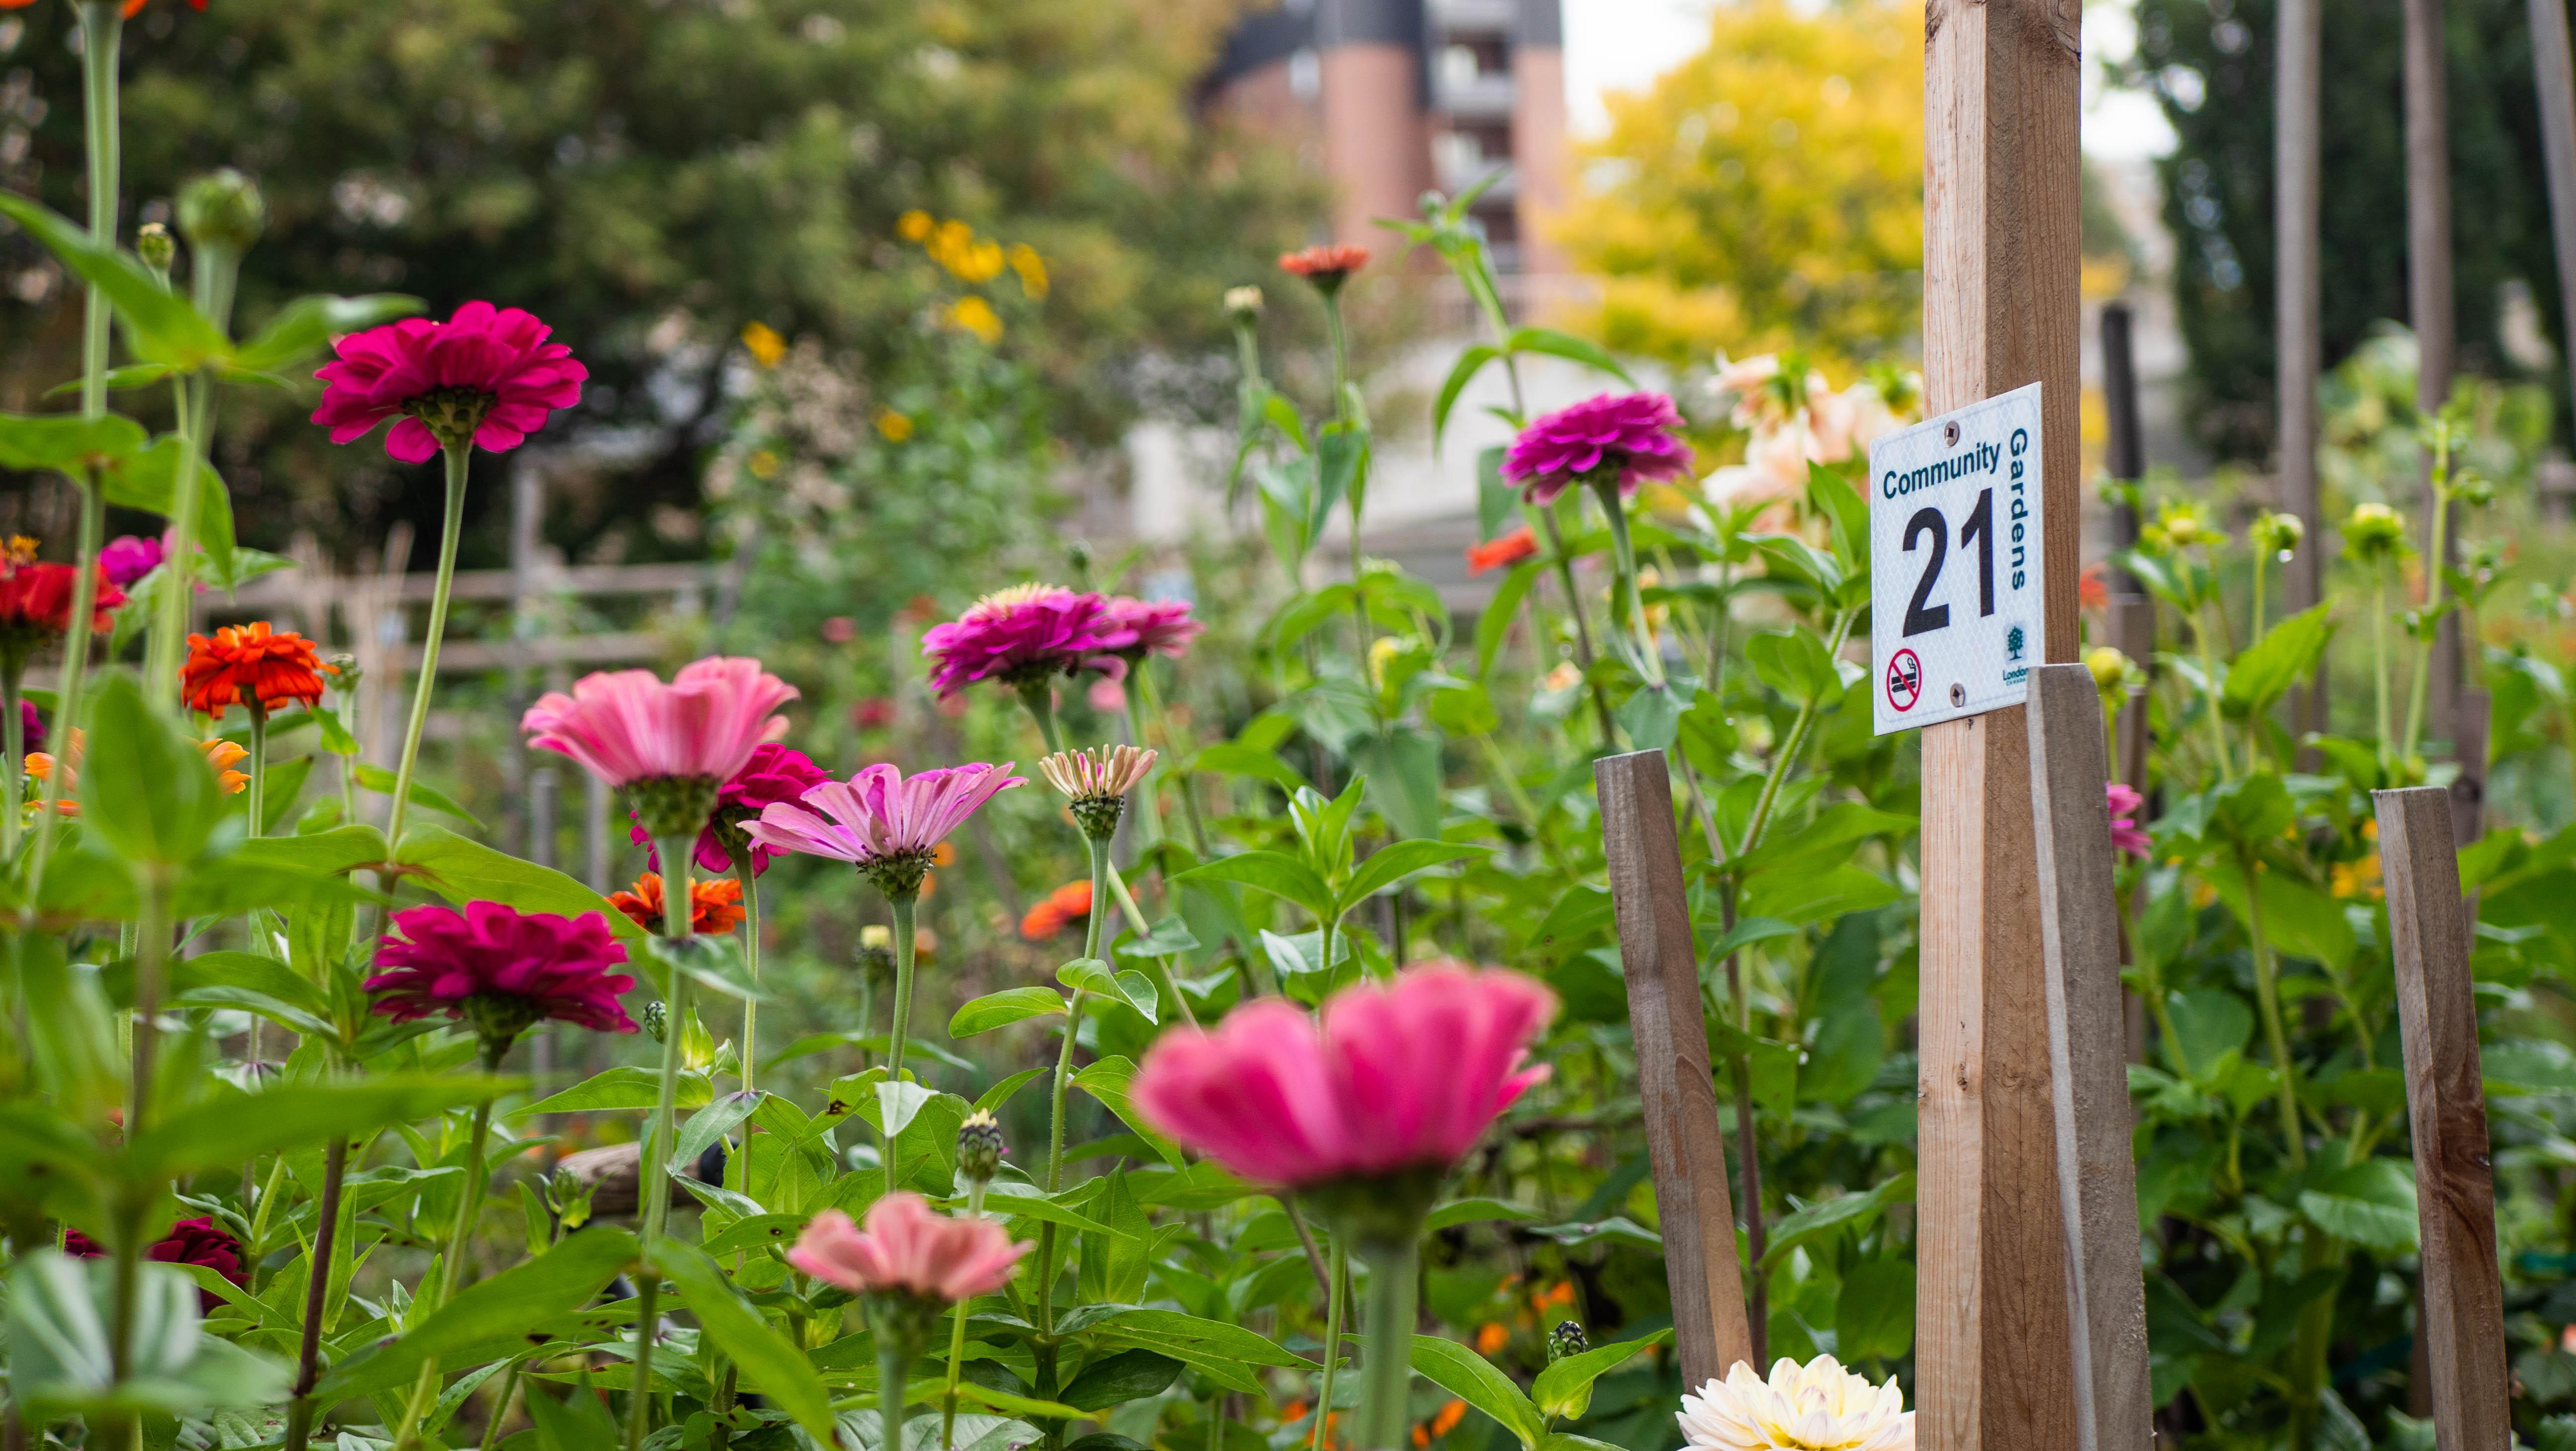 Flowers growing in a community garden